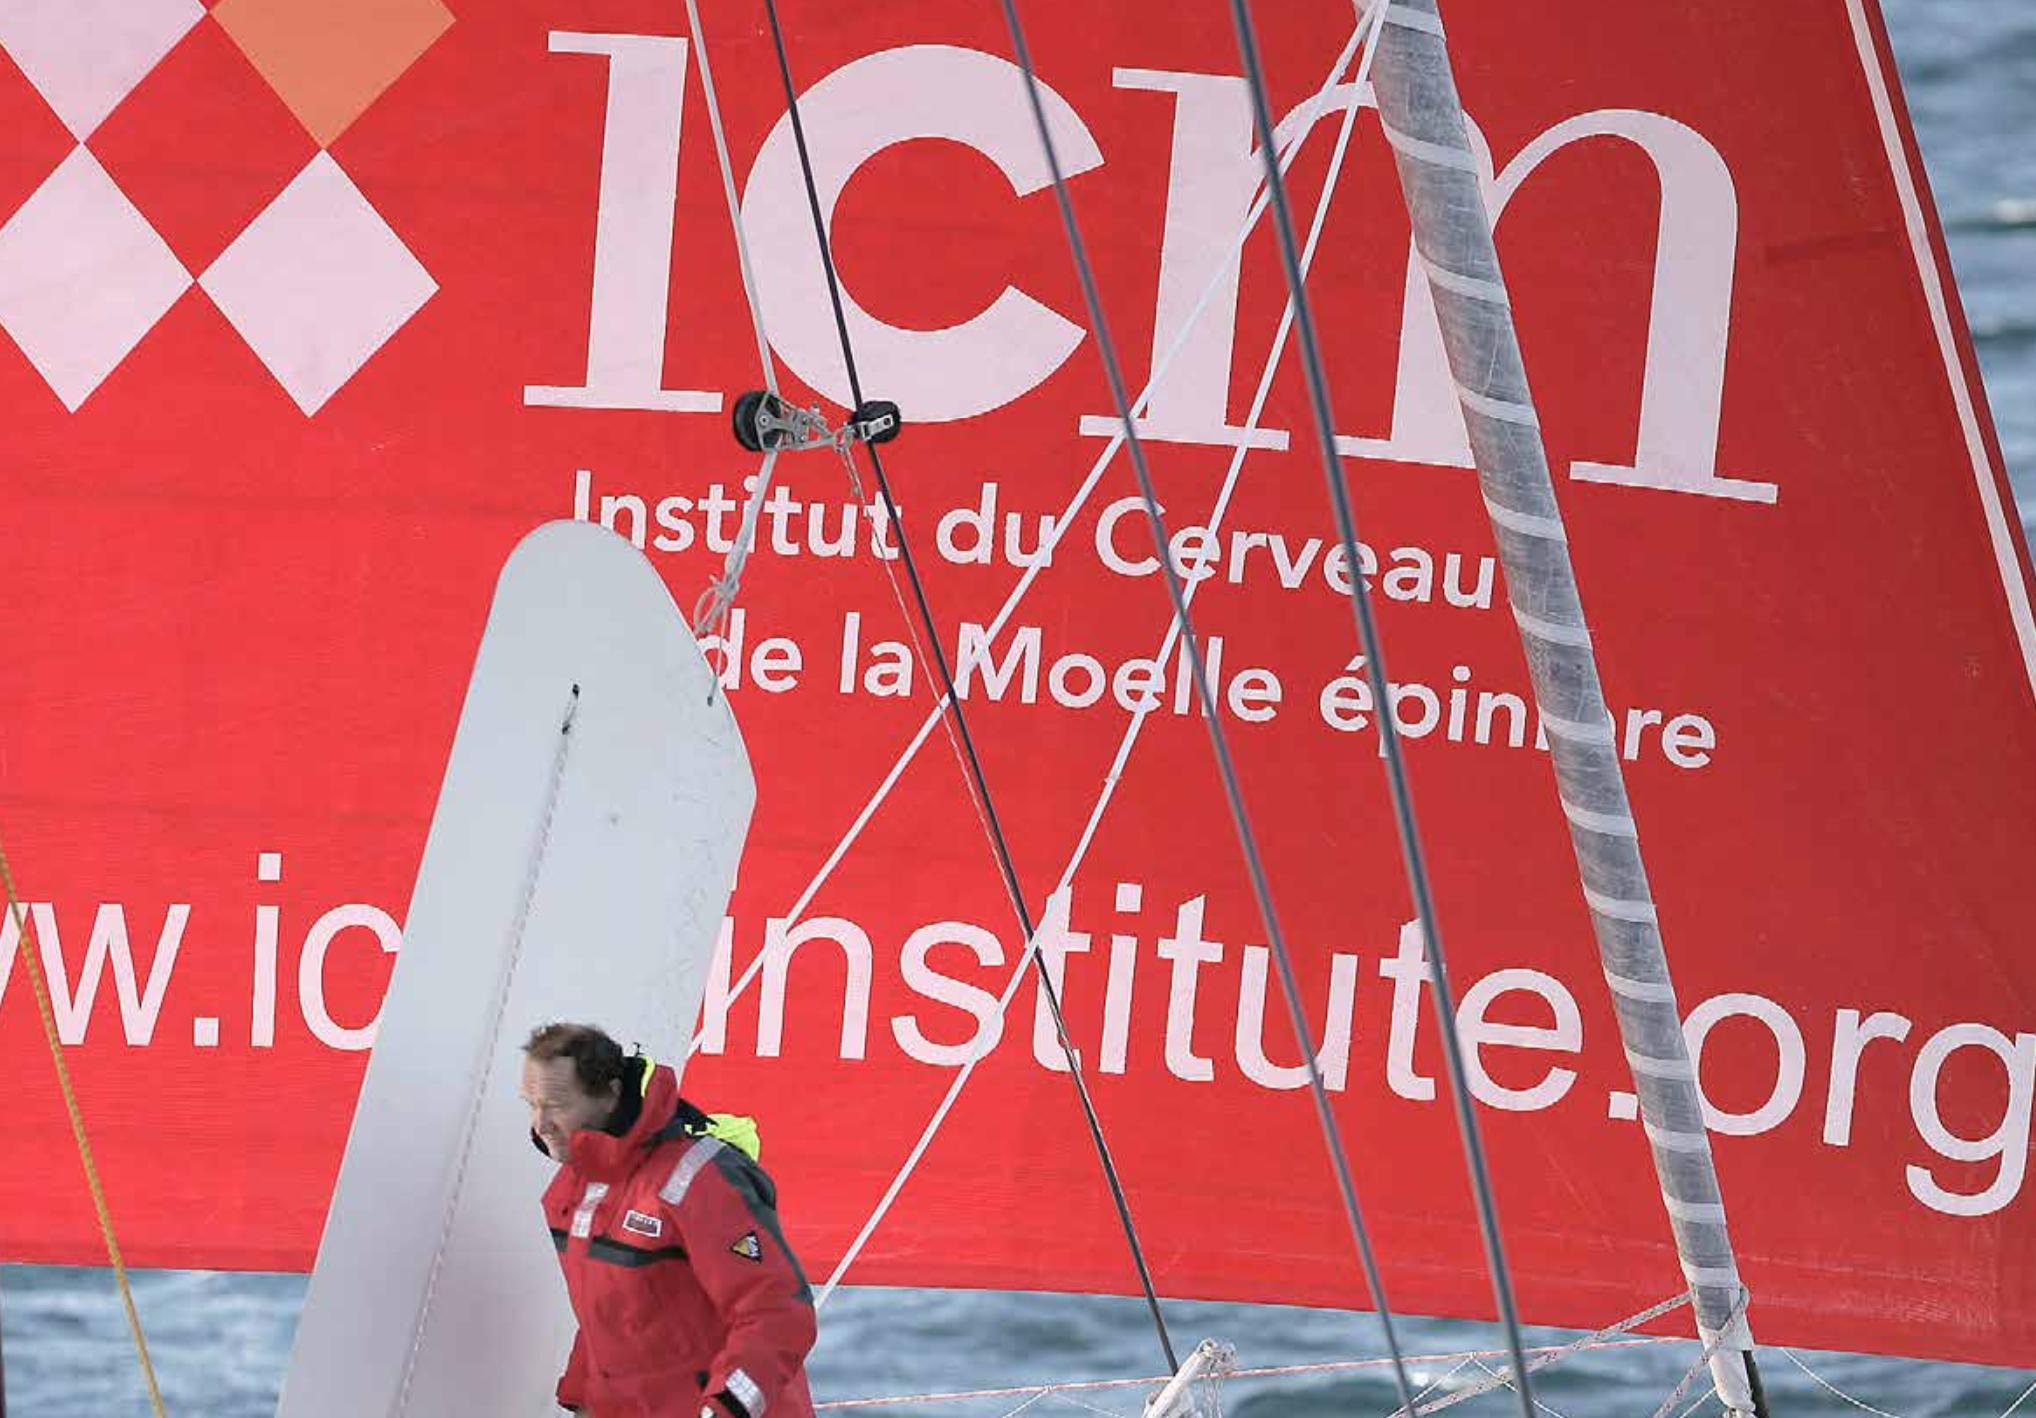 Institut Du Cerveau Et De La Moelle Epinire-6128